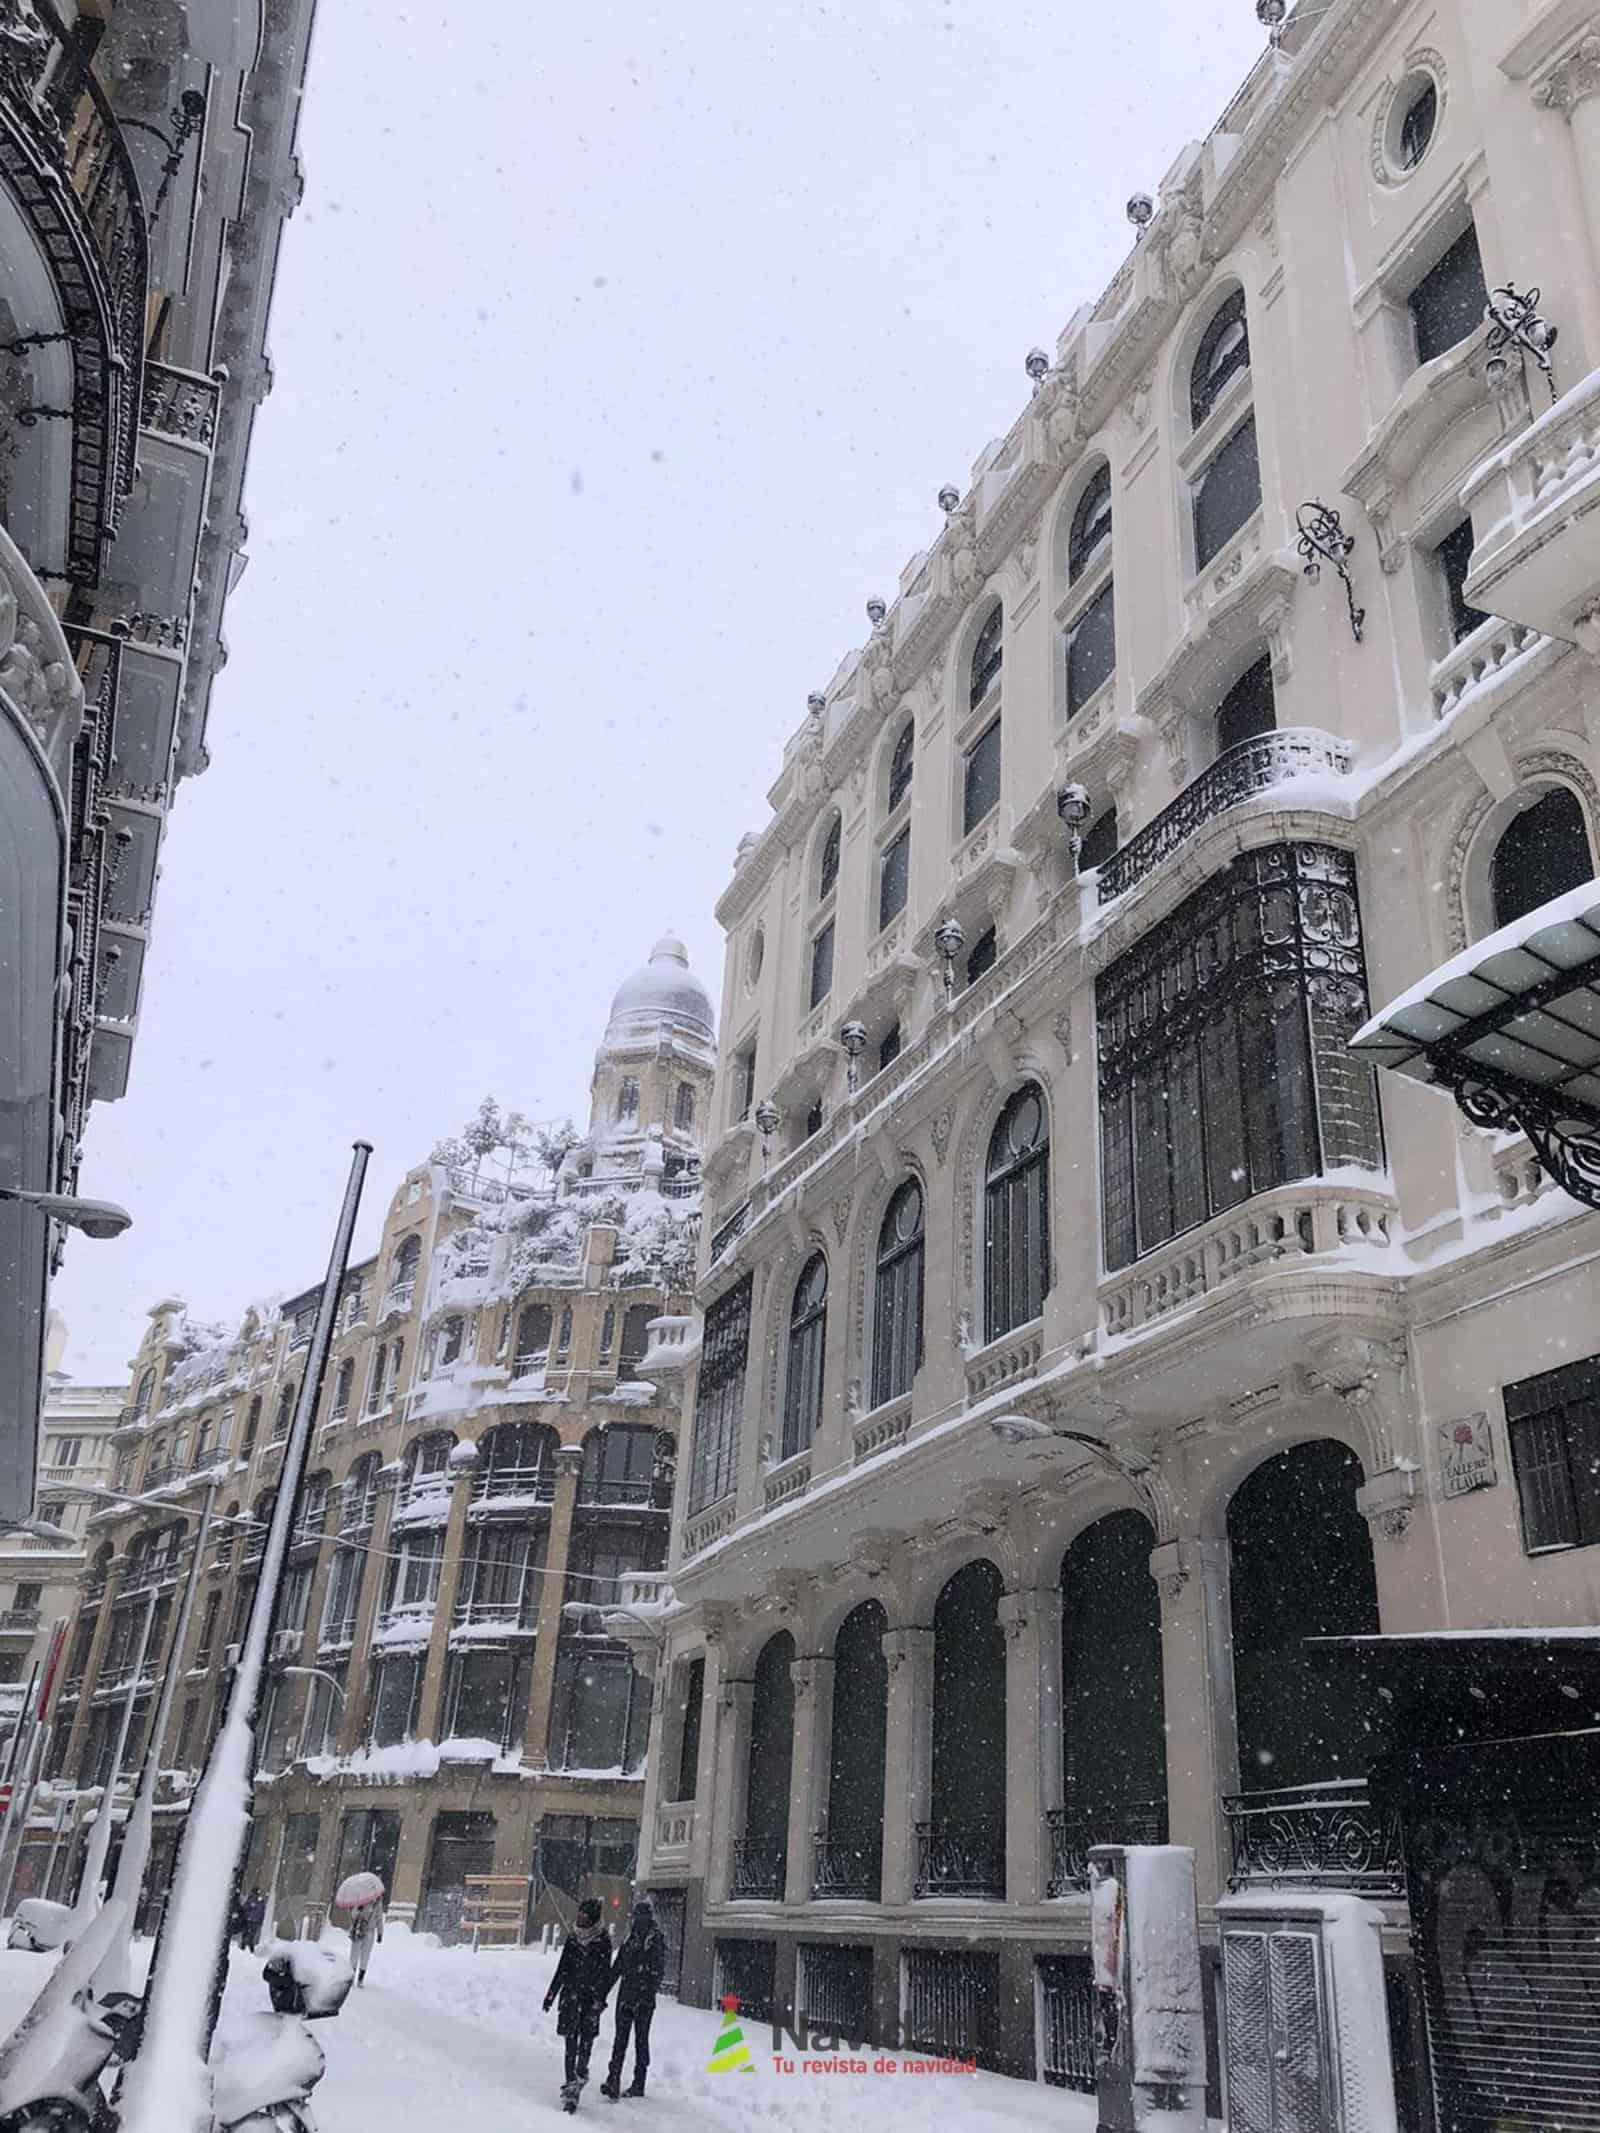 Fotografías de la nevada de enero en Madrid (España) 171